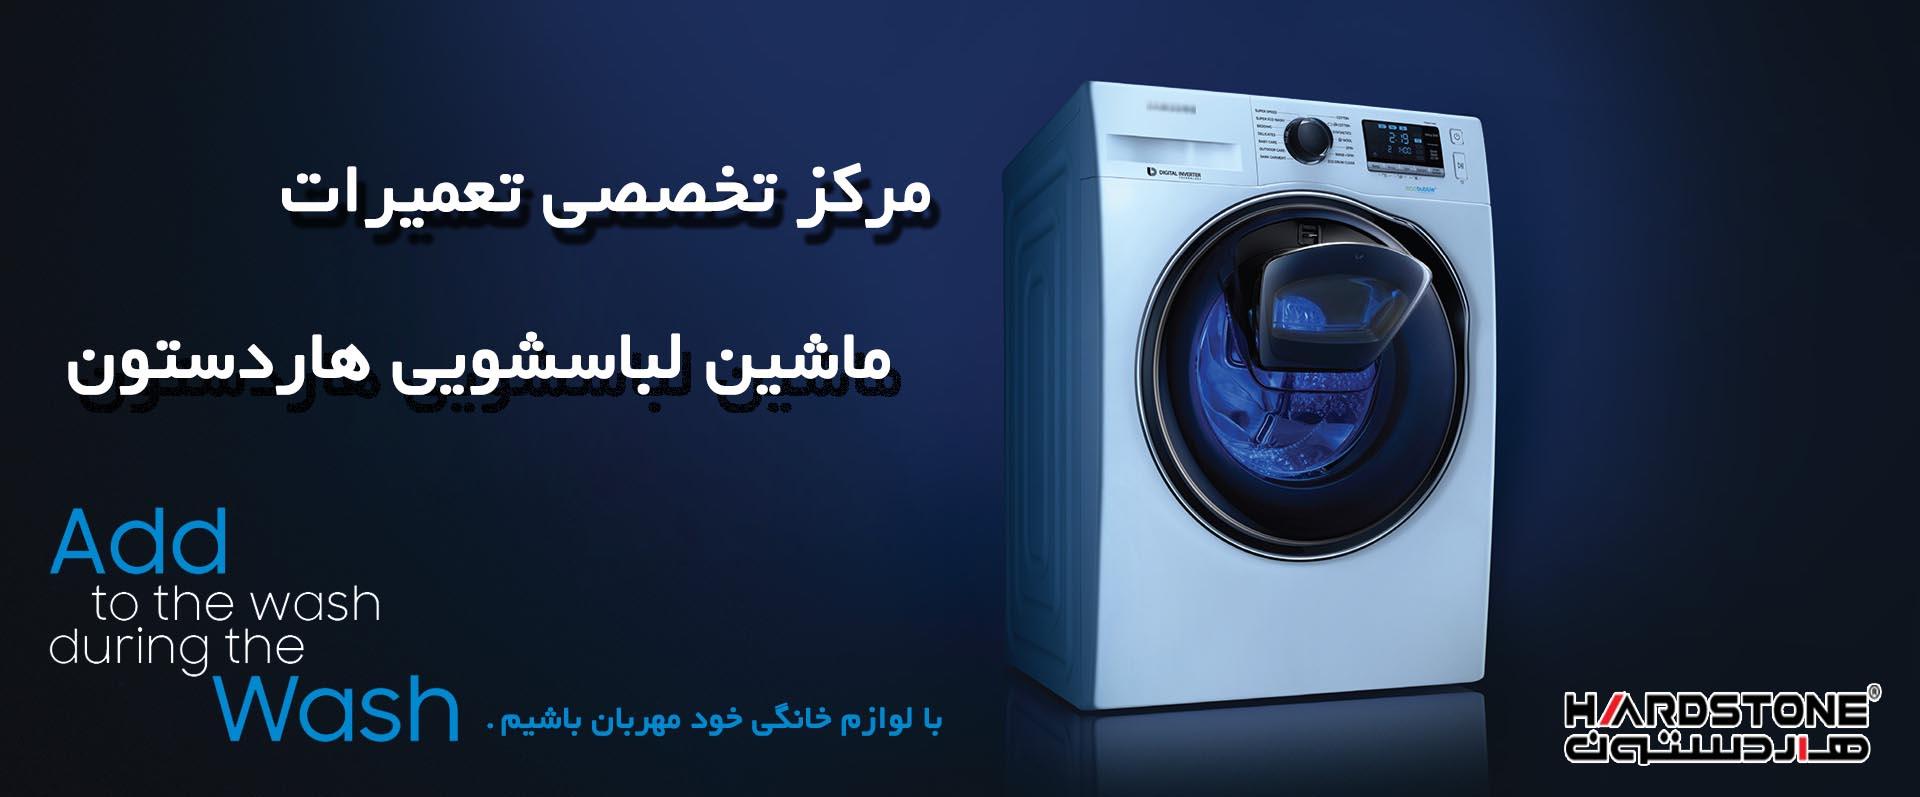 تعمیرات ماشین لباسشویی هاردستون